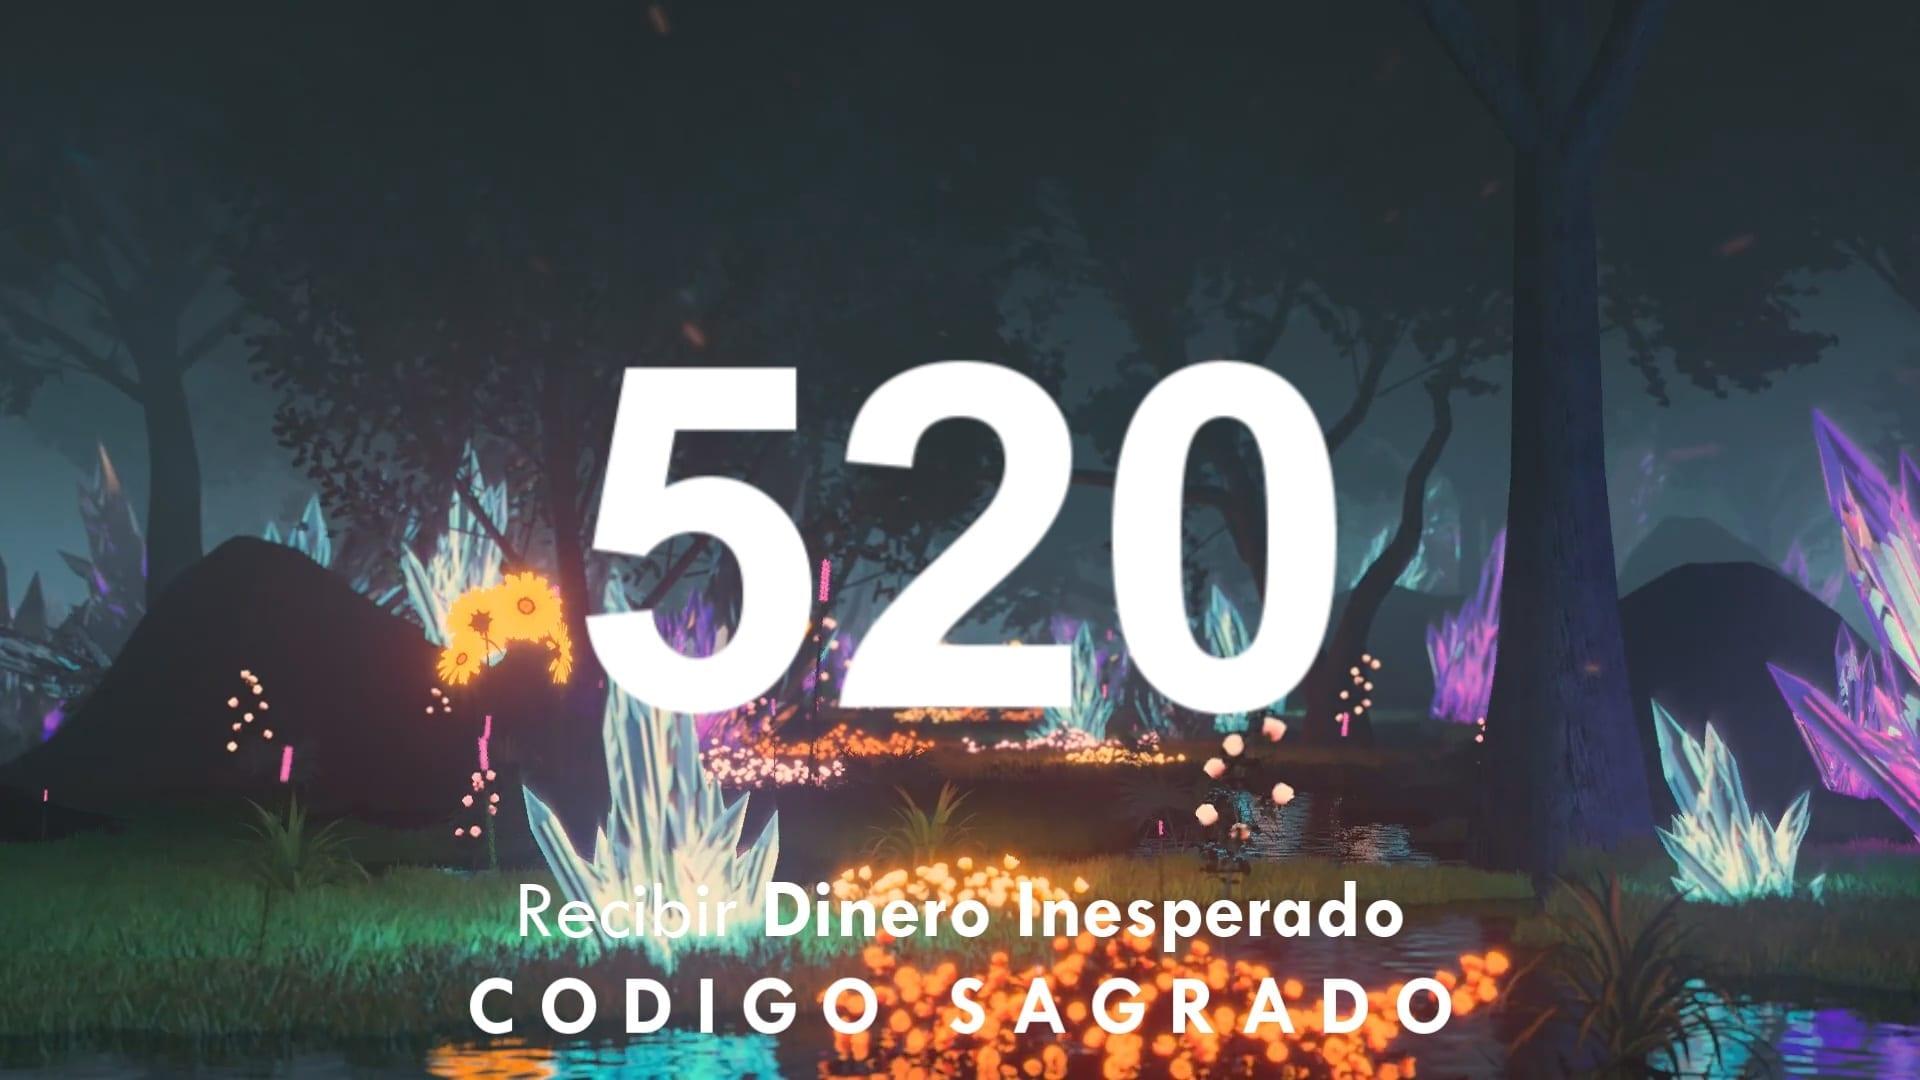 DINERO INESPERADO 520 CODIGO SAGRADO AGESTA ¿Con solo mirar un simple video